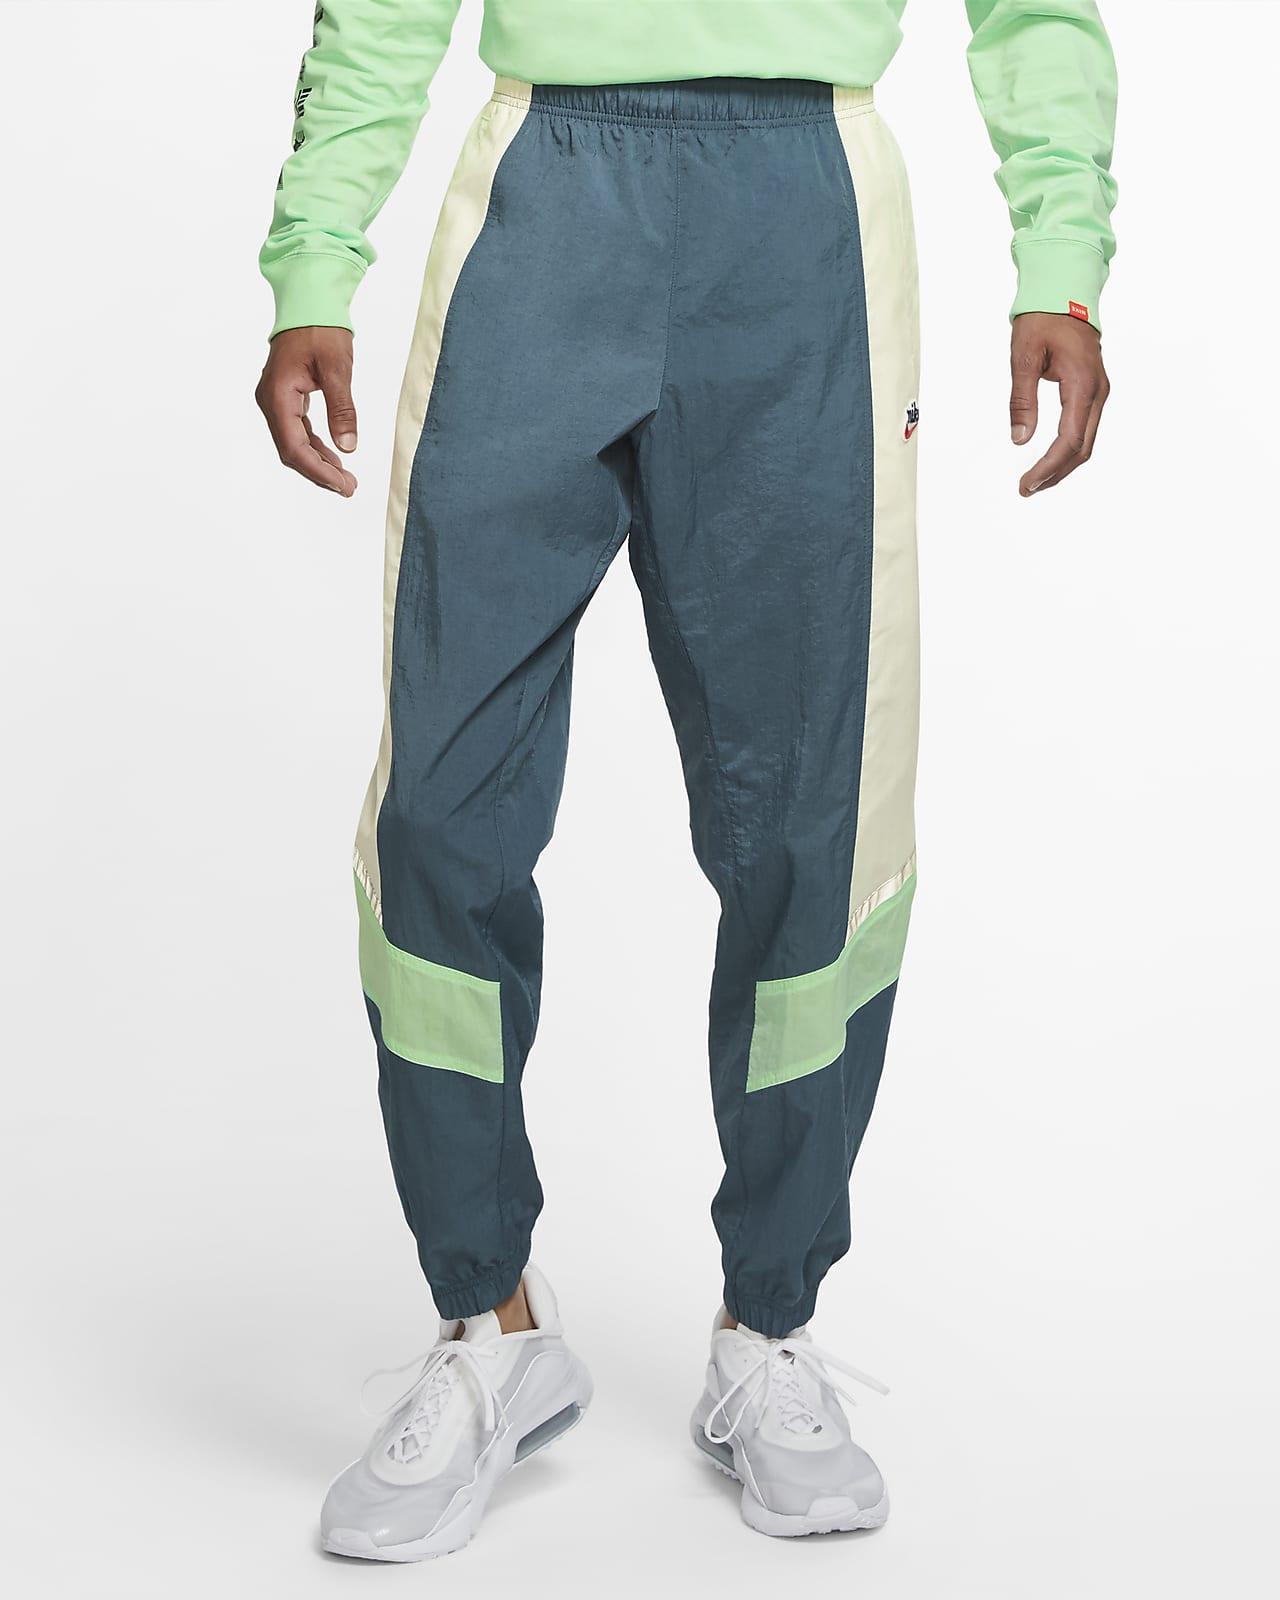 Nike Sportswear Heritage Windrunner Men's Woven Trousers